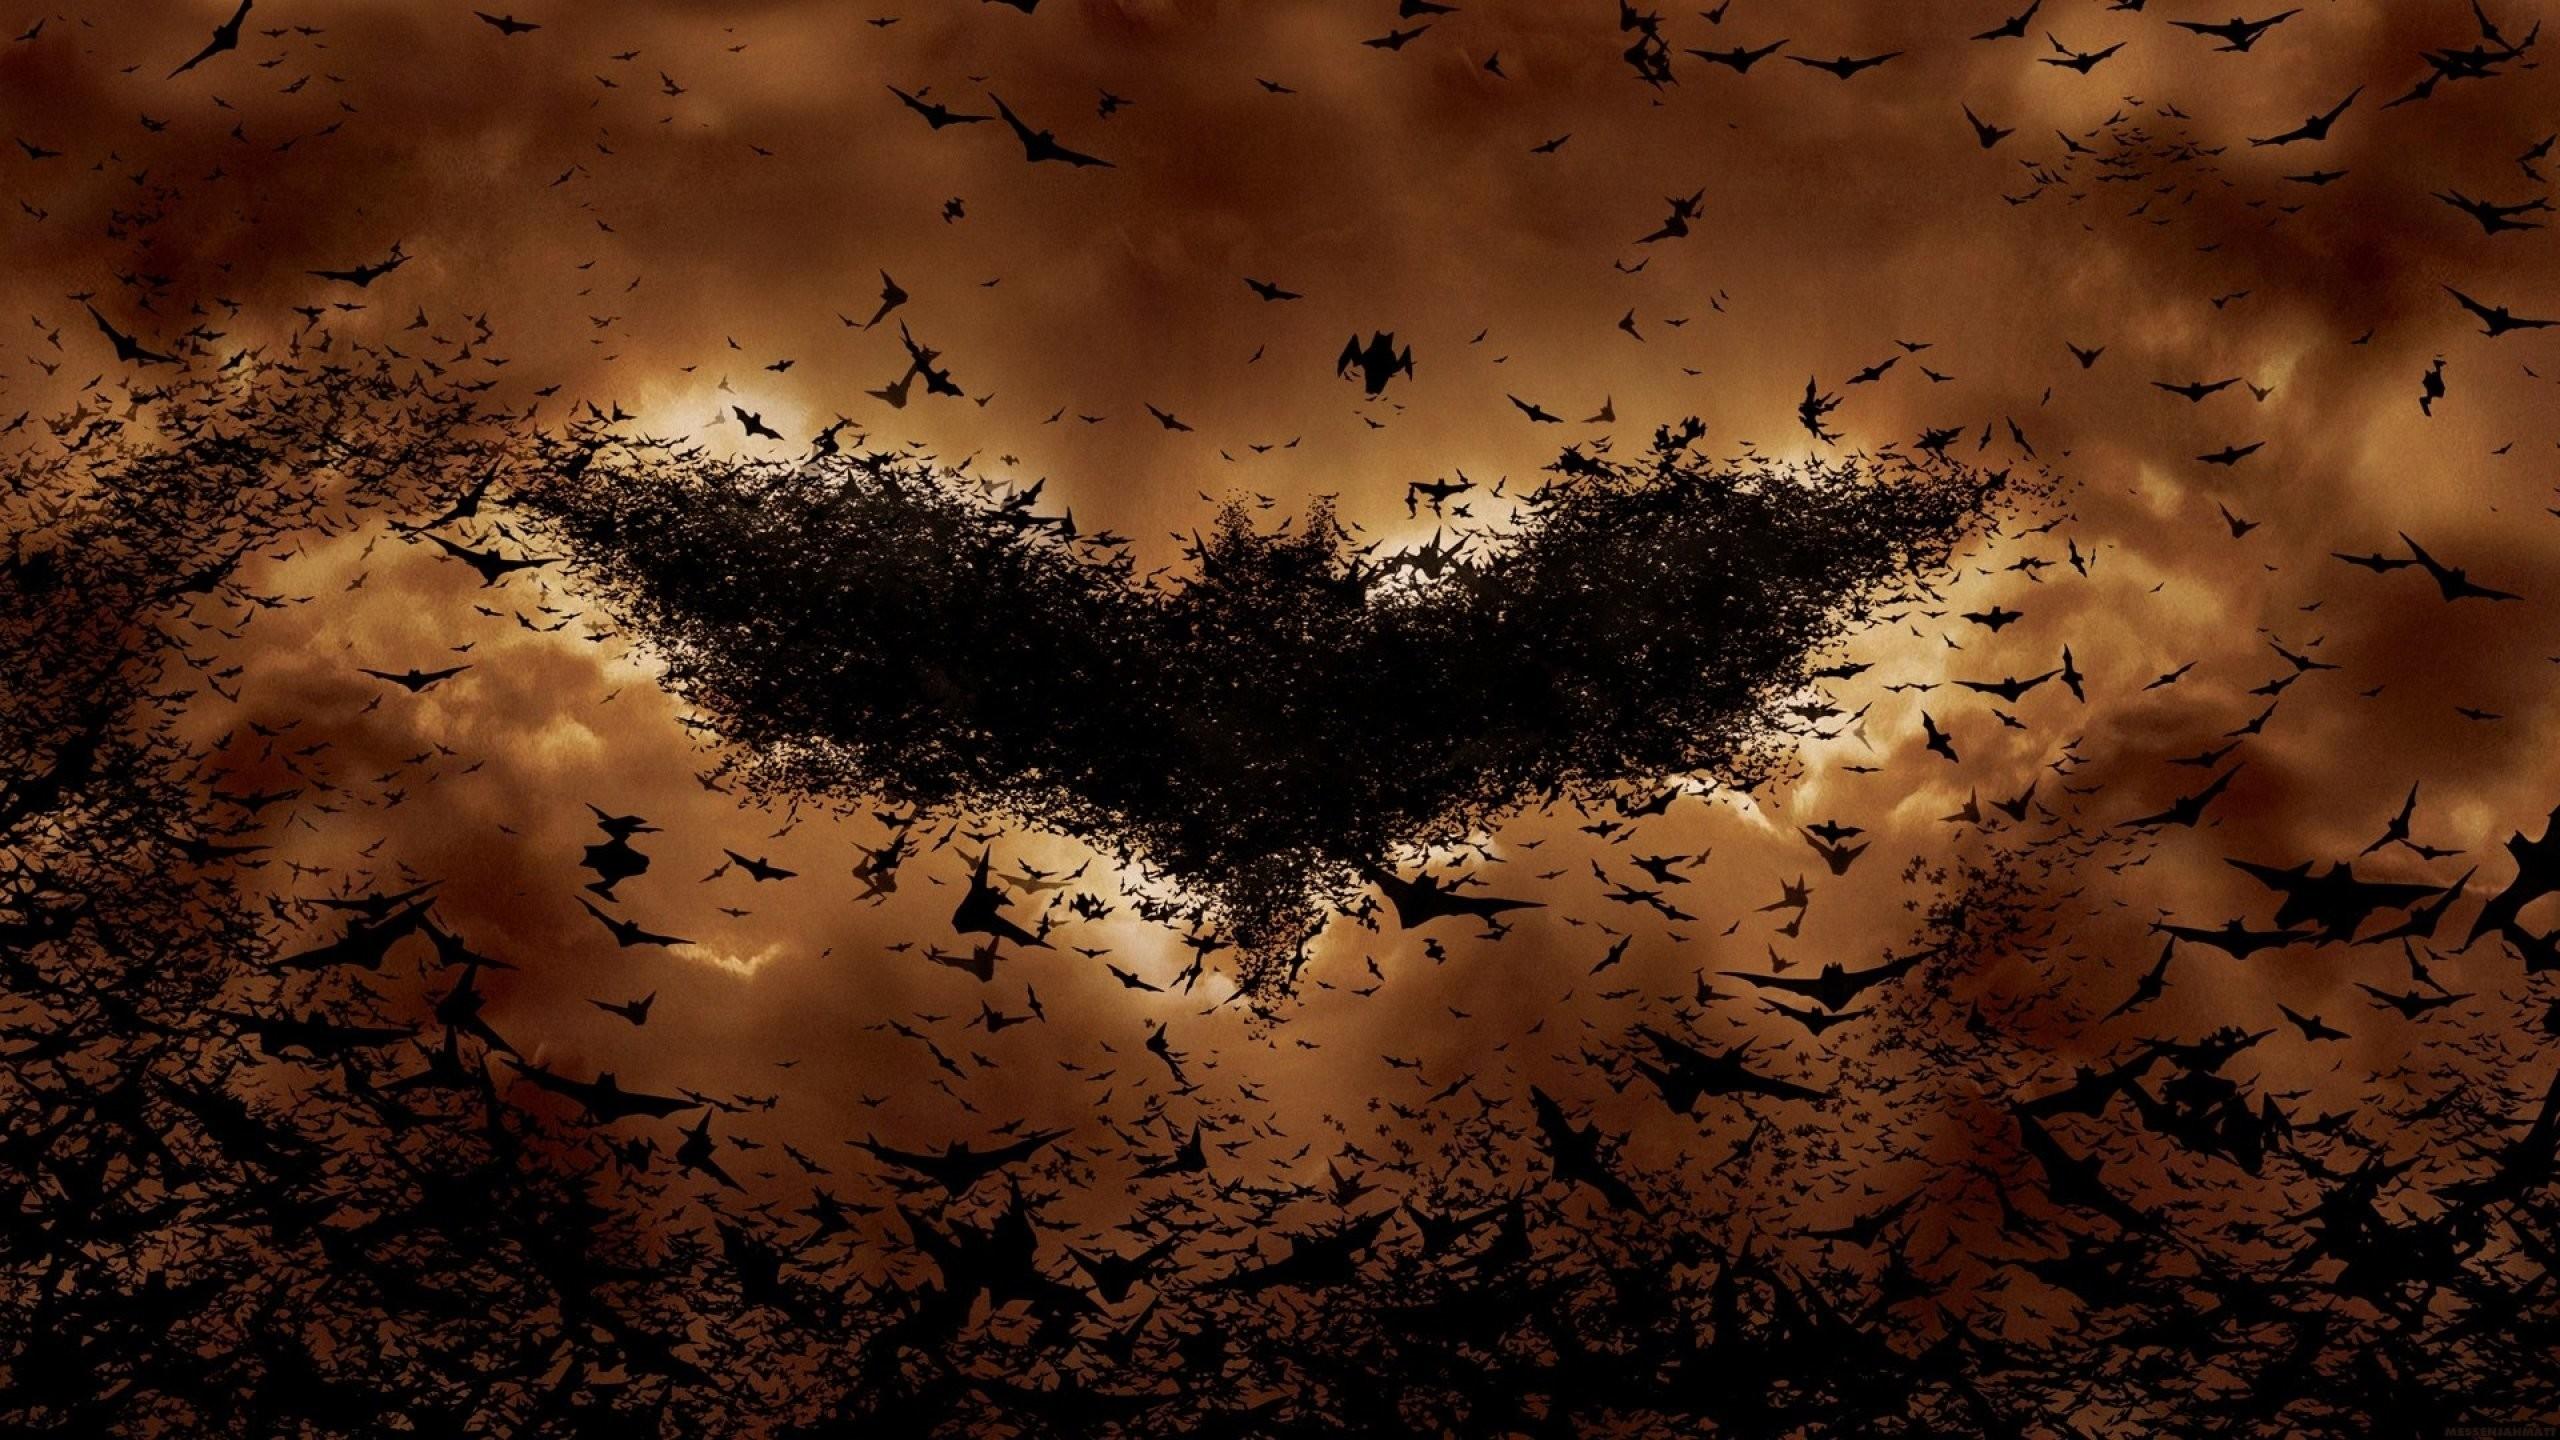 … HD Wallpaper Site Batman Begins Wallpaper